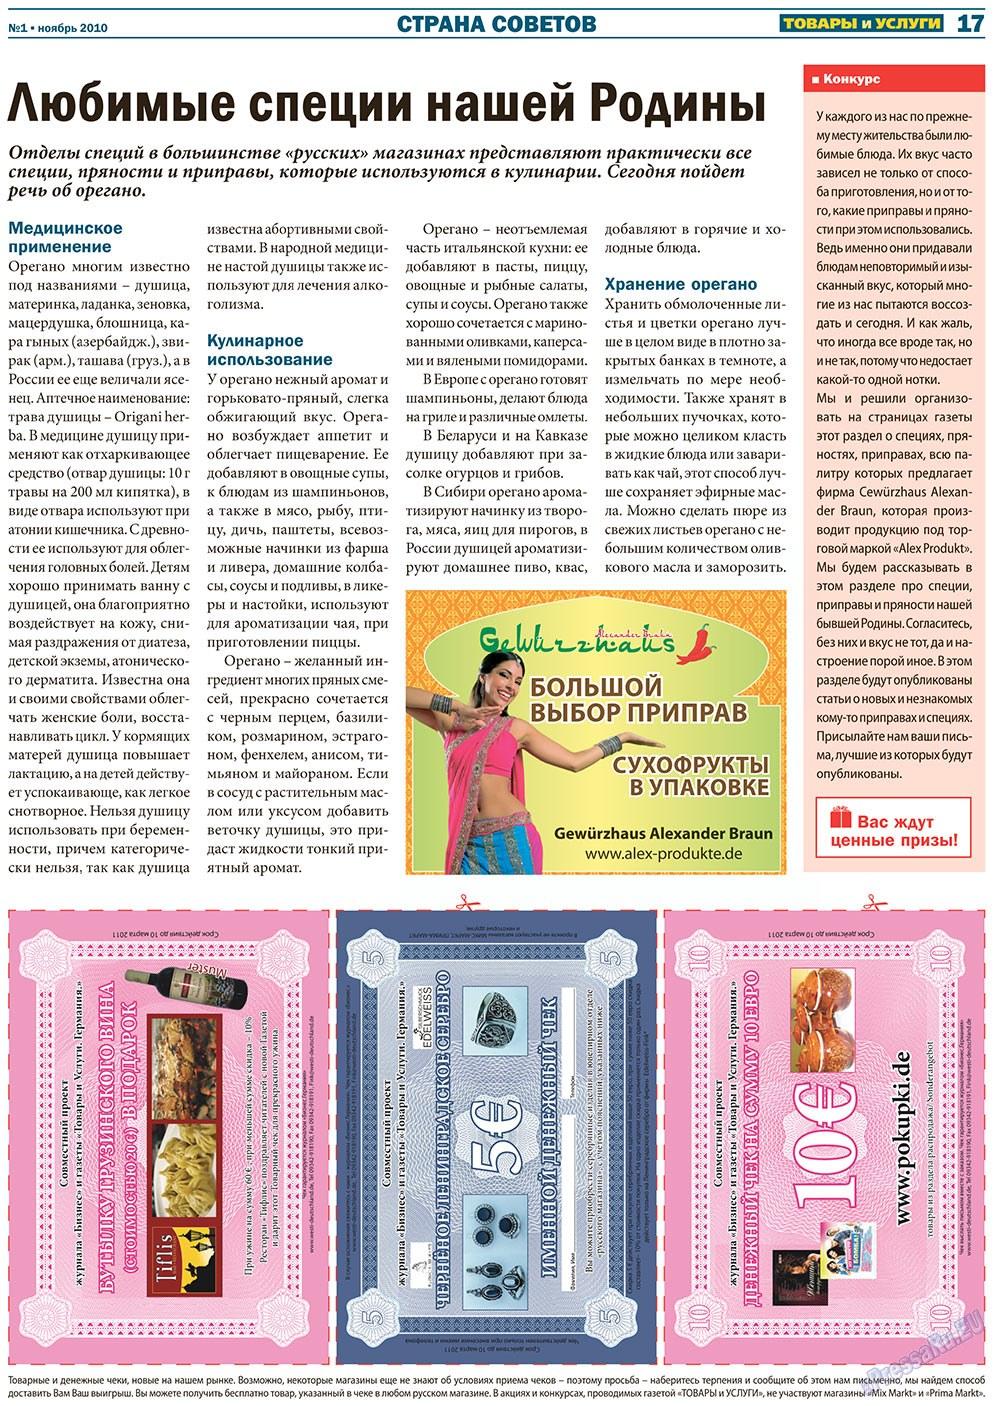 Товары и услуги (газета). 2010 год, номер 1, стр. 17